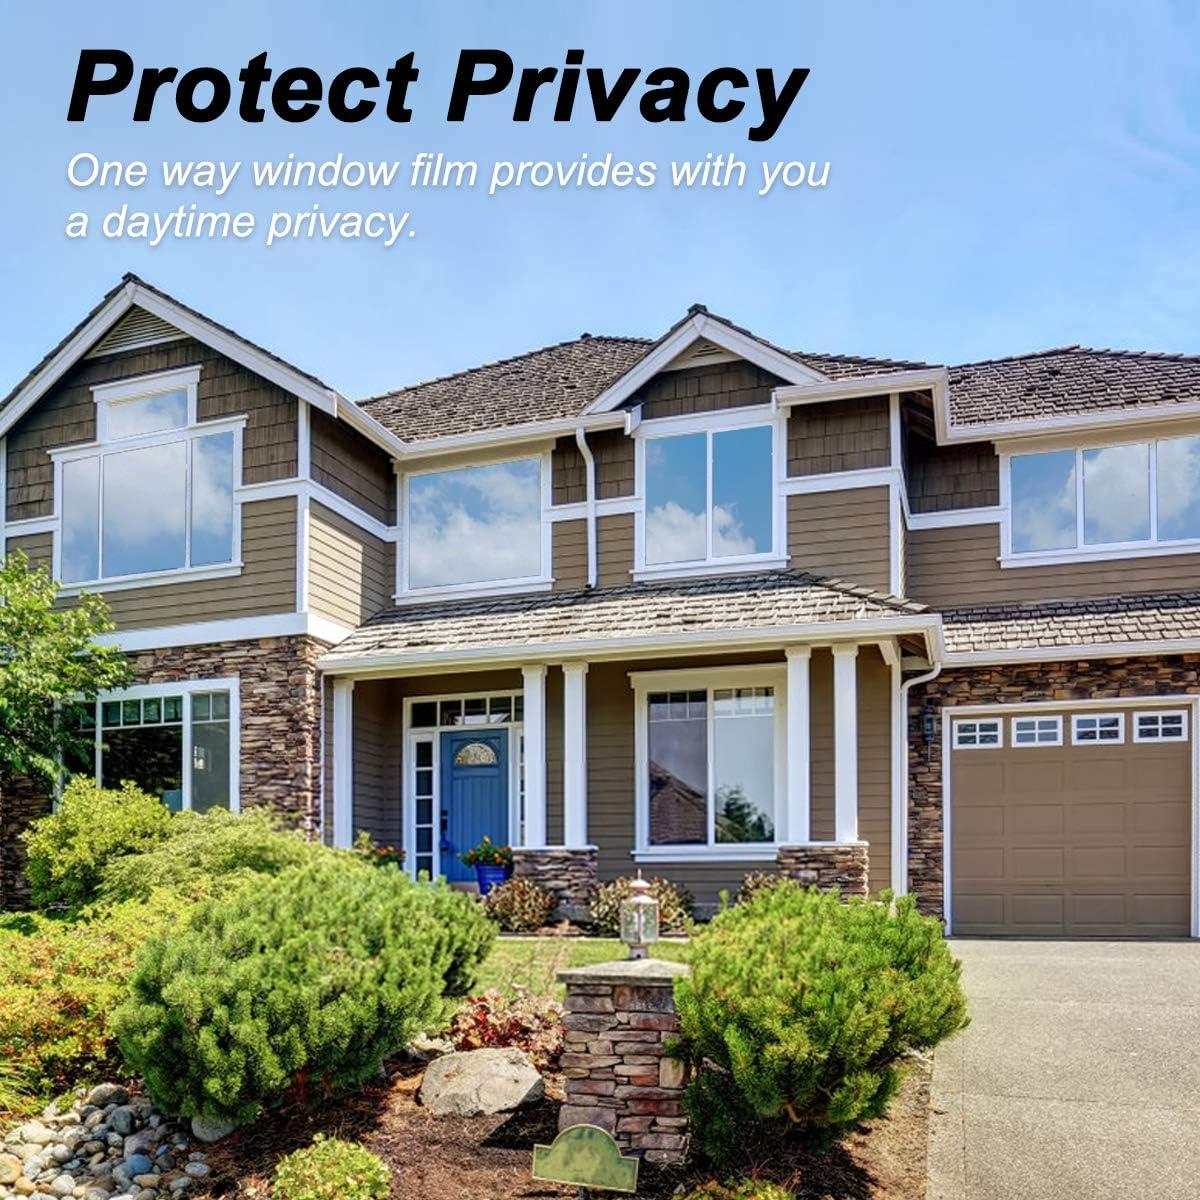 QXMCOV Pellicola Privacy Pellicola Smerigliata per Finestre Vetri-Autoadesive Grigio, 90x400cm